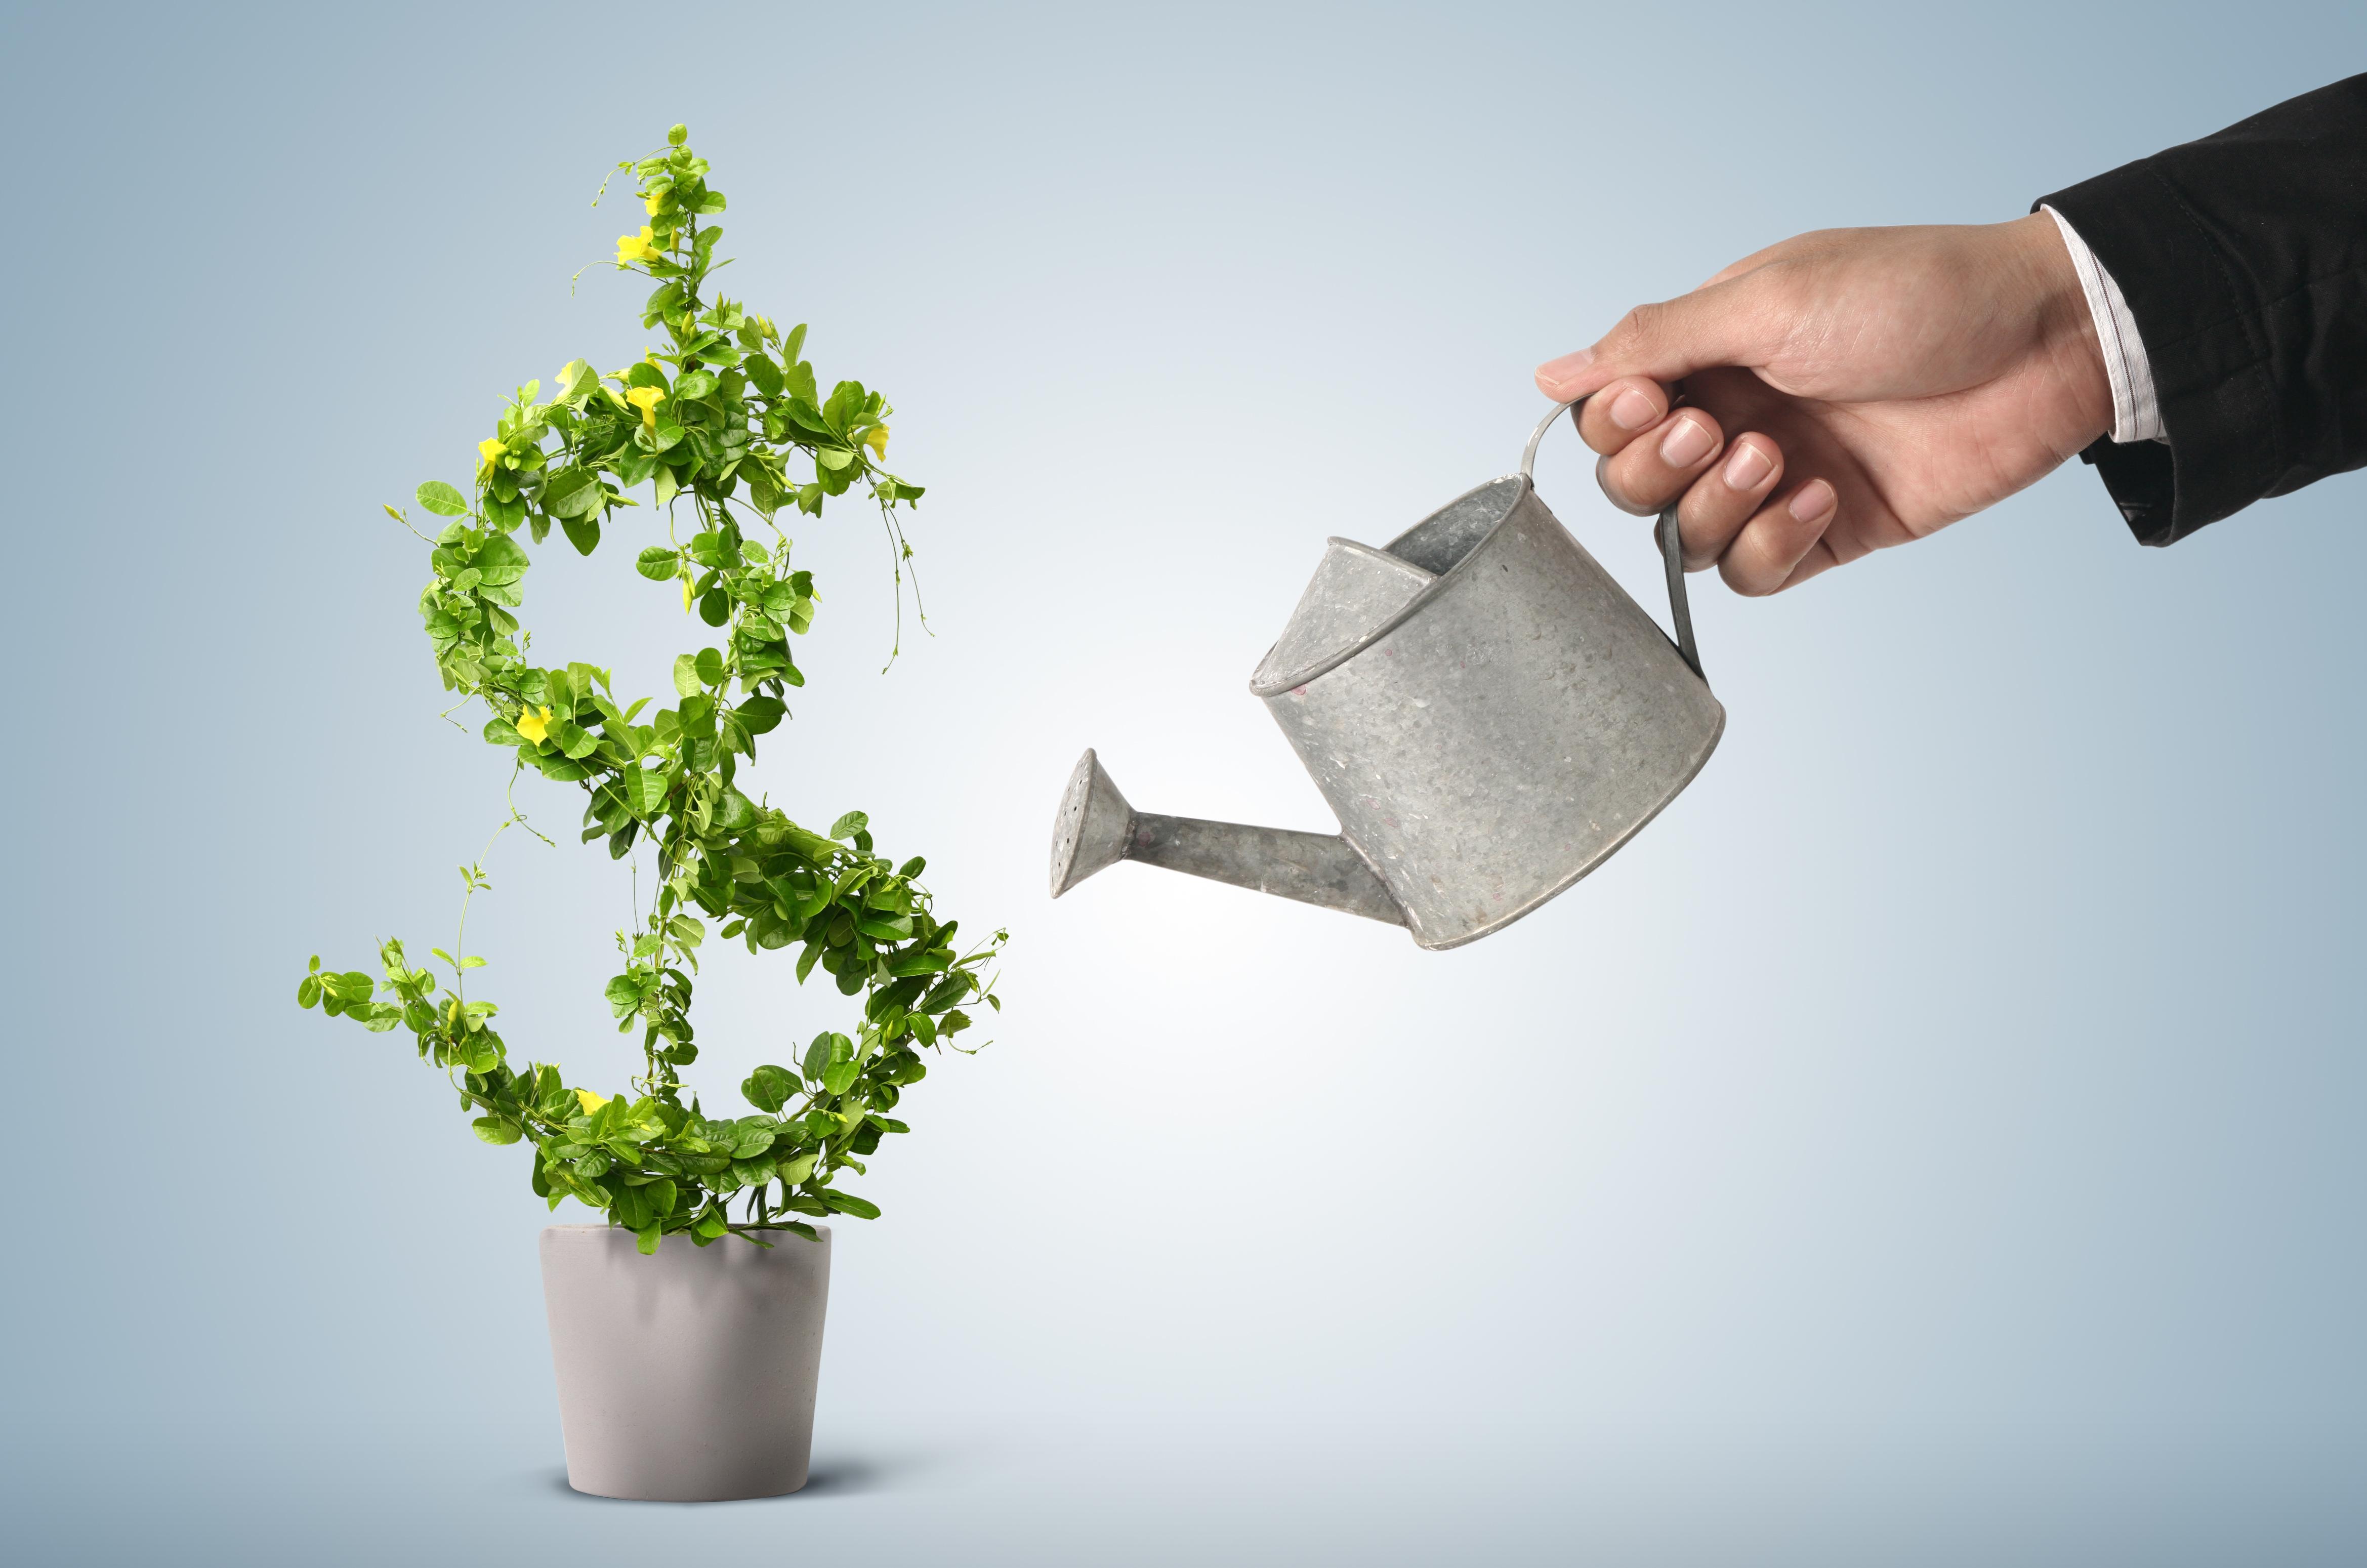 Все возможно! шампиньоны круглый год или бизнес приносящий стабильный доход.